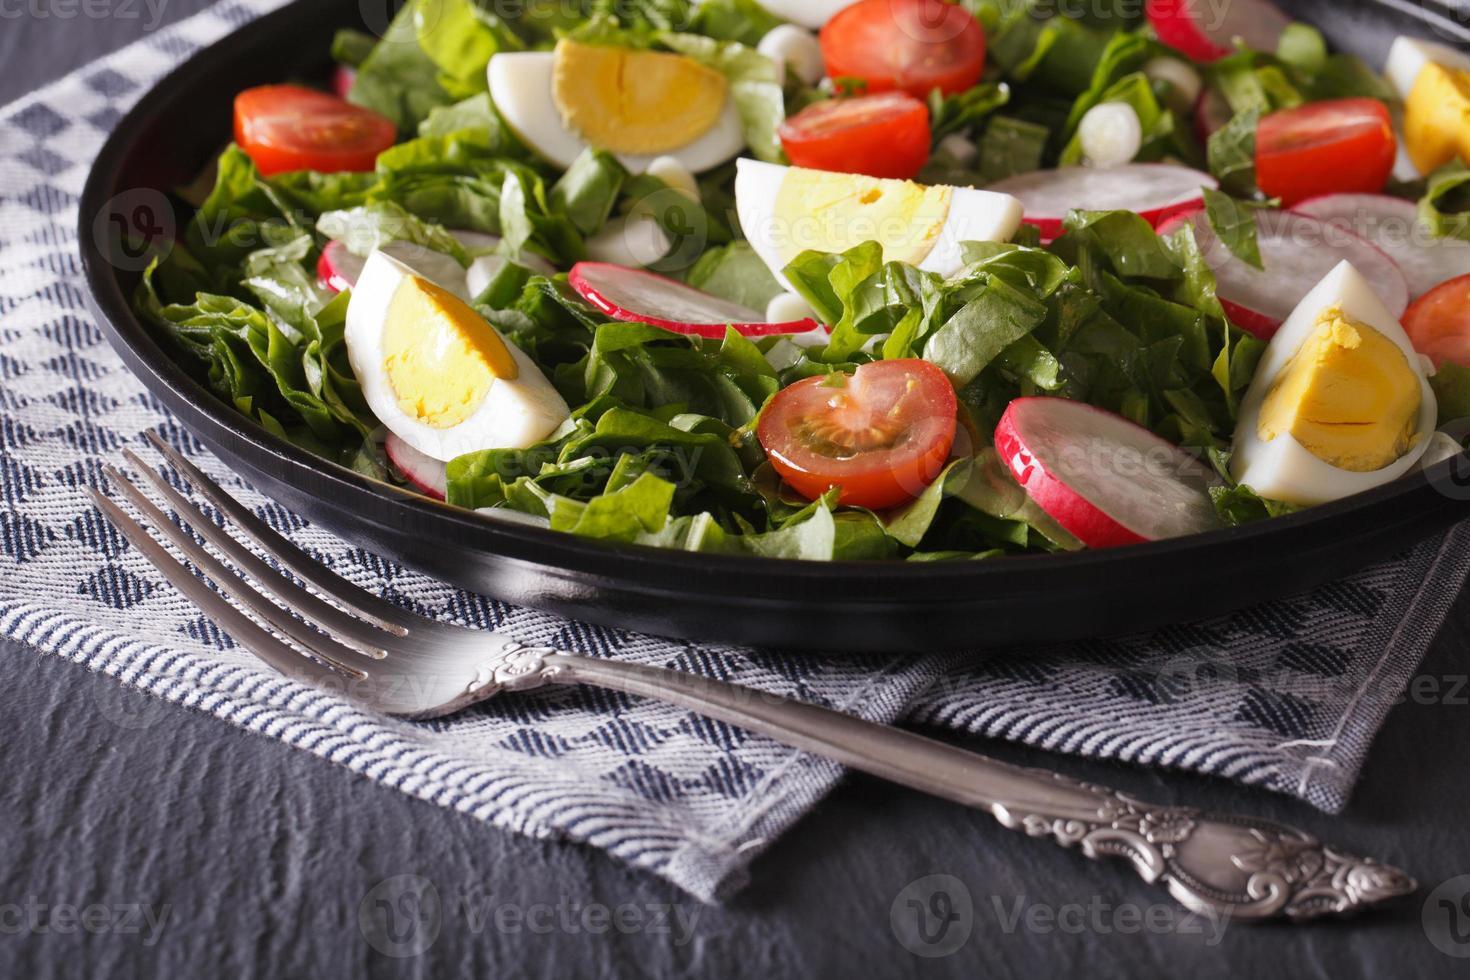 deliziosa insalata con uova, ravanelli e acetosa da vicino foto